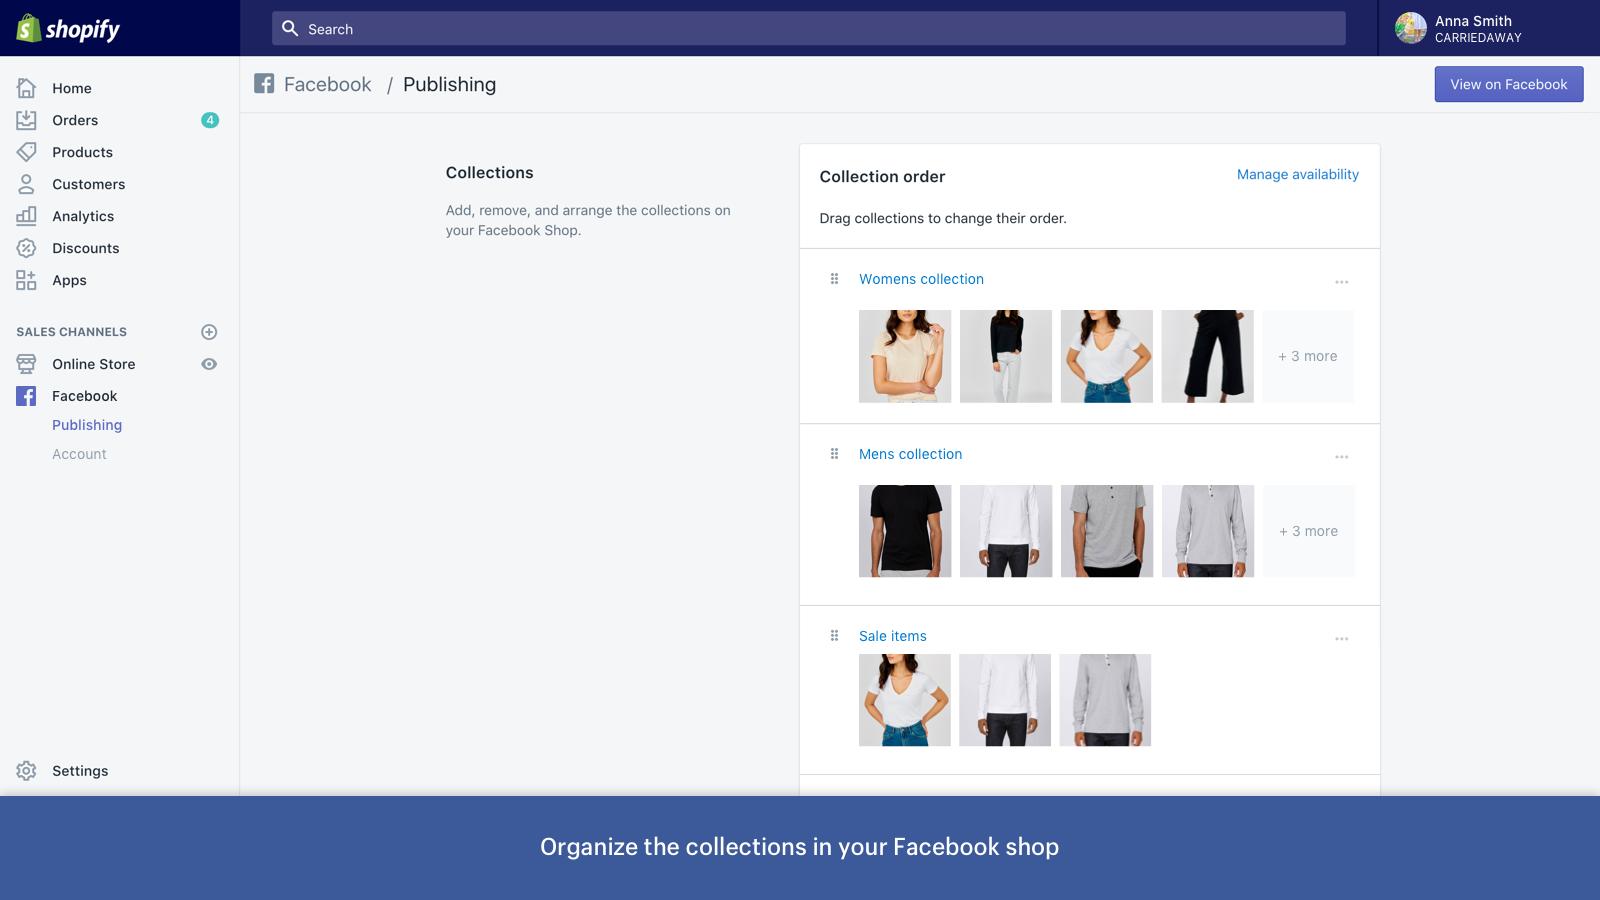 vendre sur facebook avec shopify